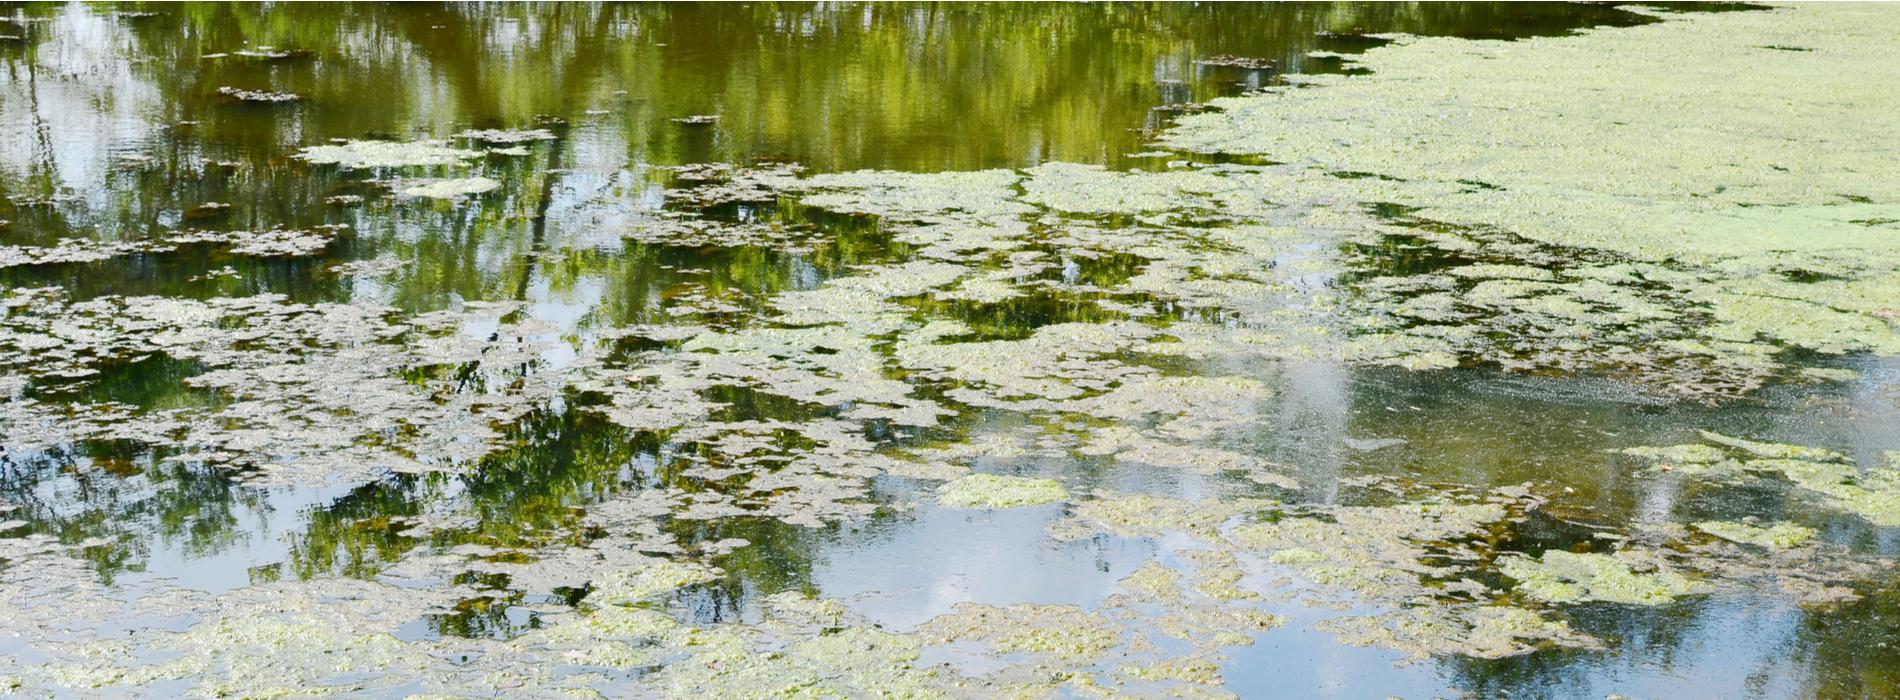 Oviedo Aquatic Weed Control